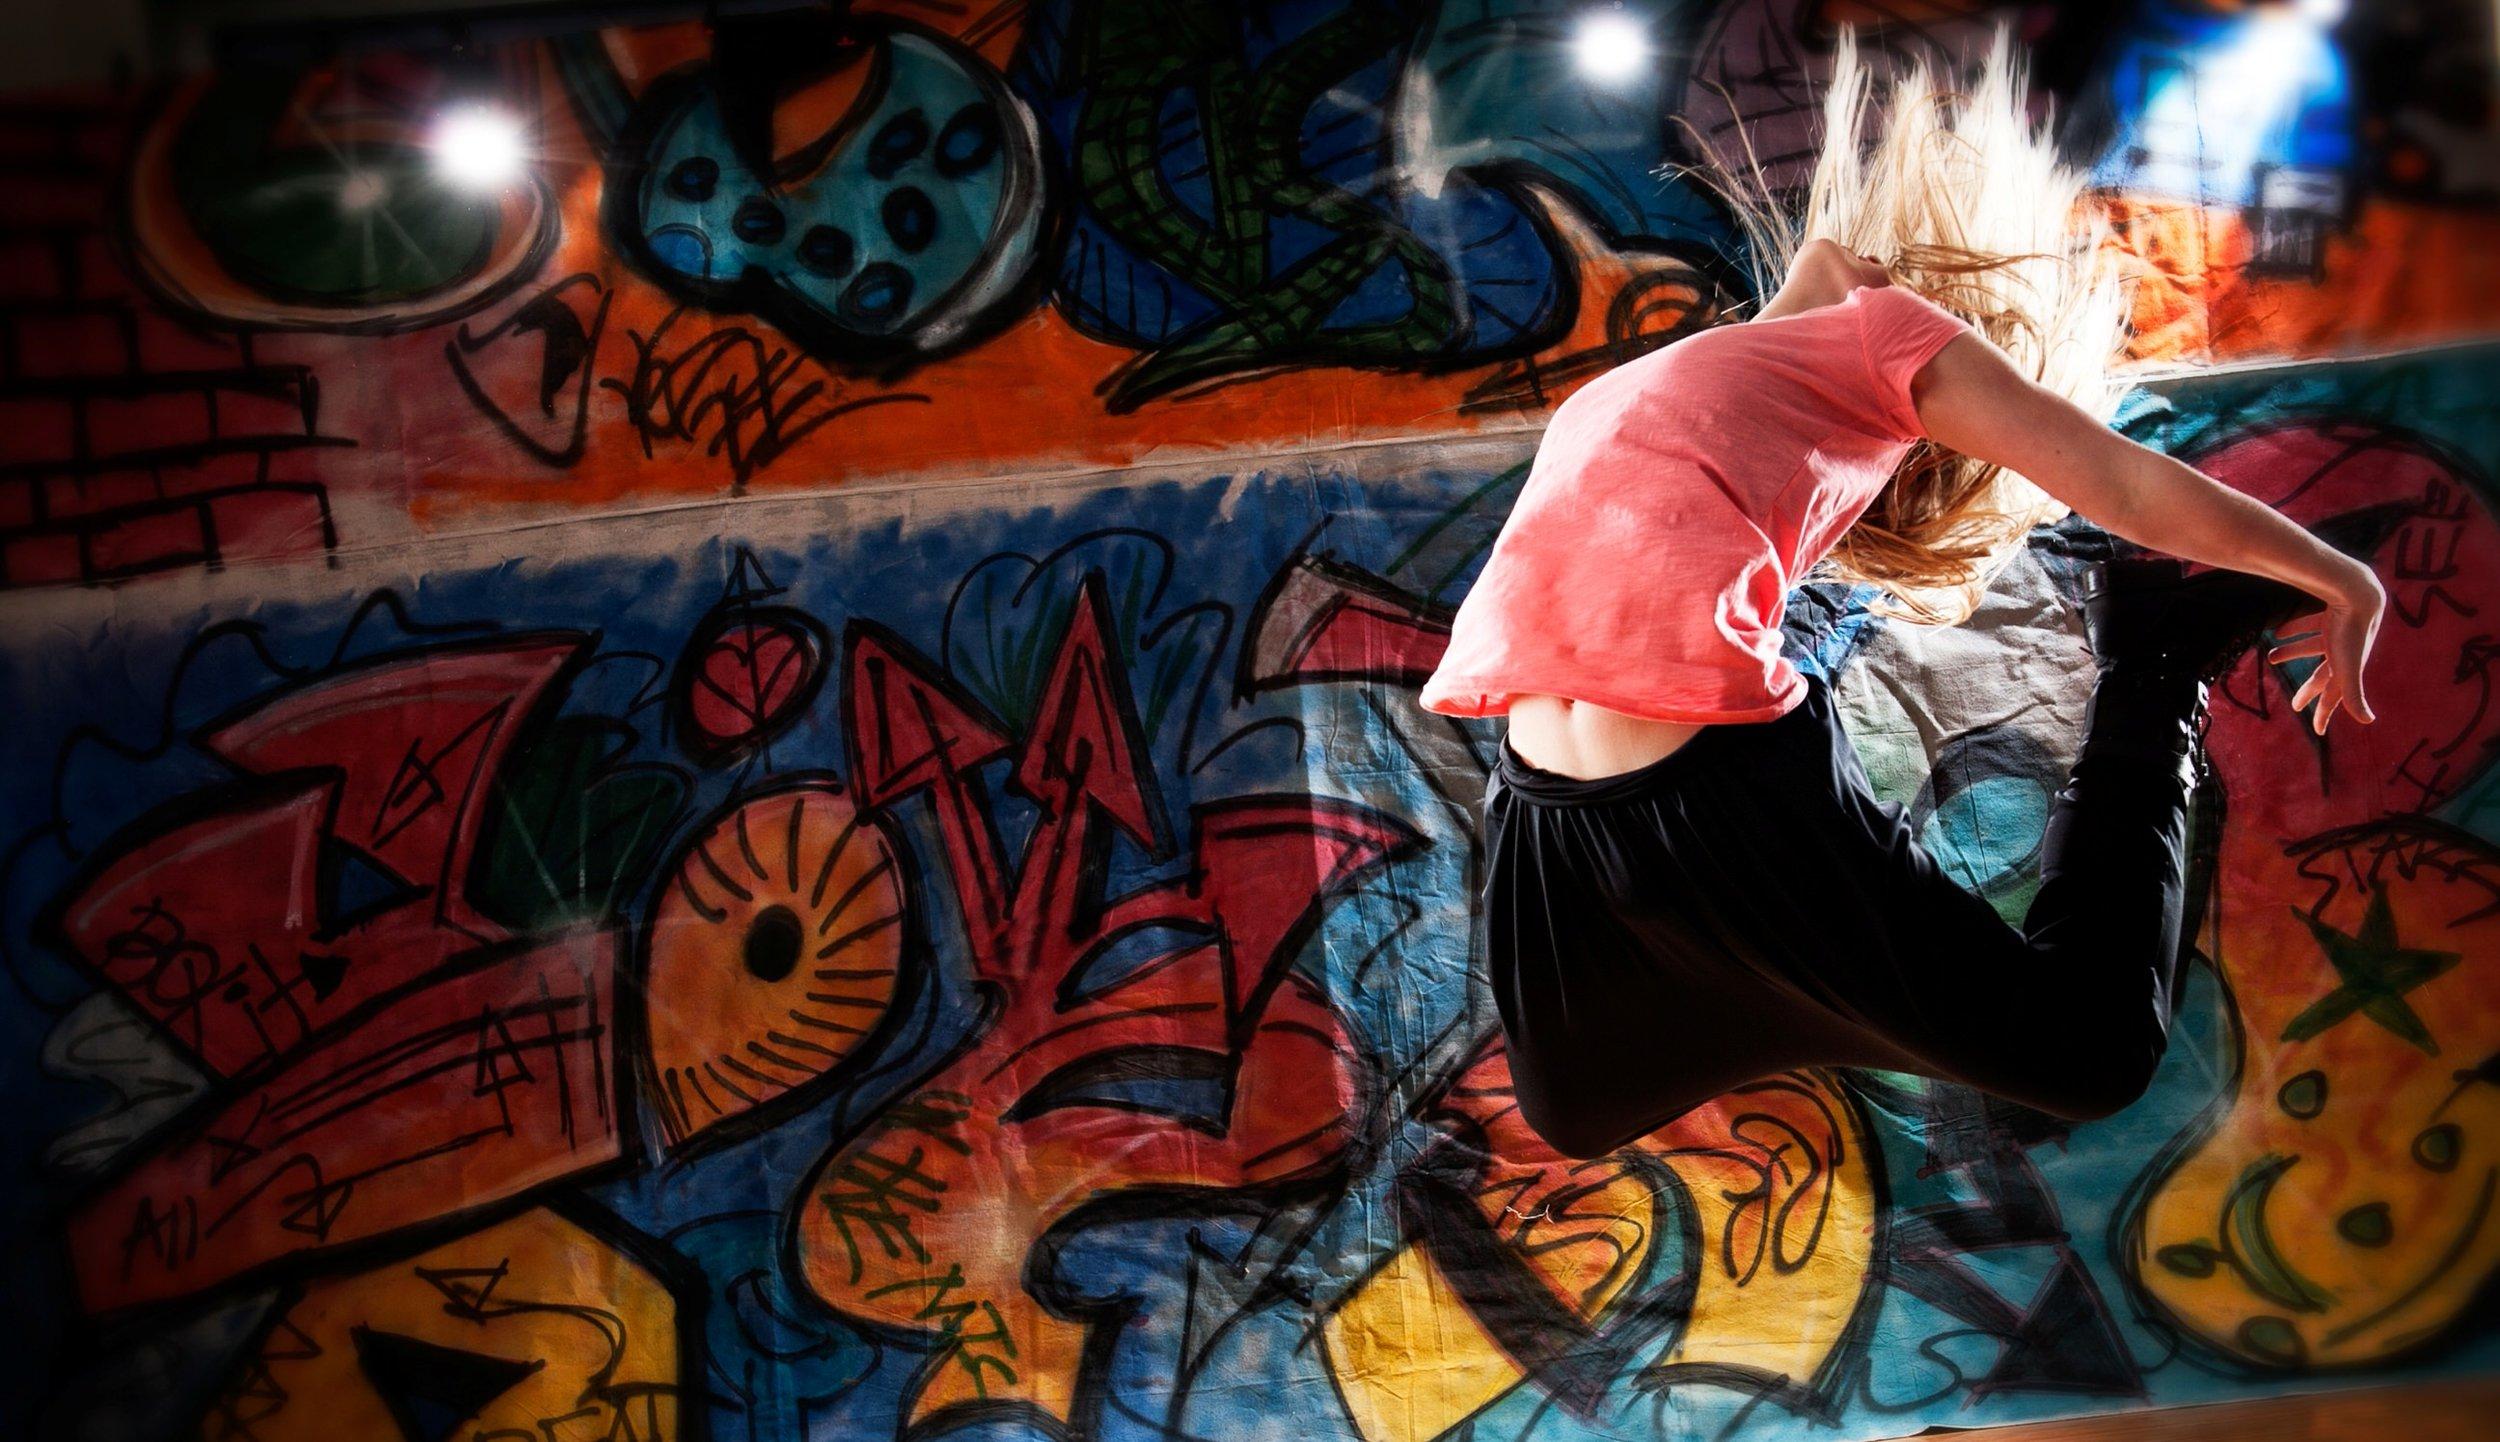 kalispell_dance_Photographer-_DSC5470T.jpg